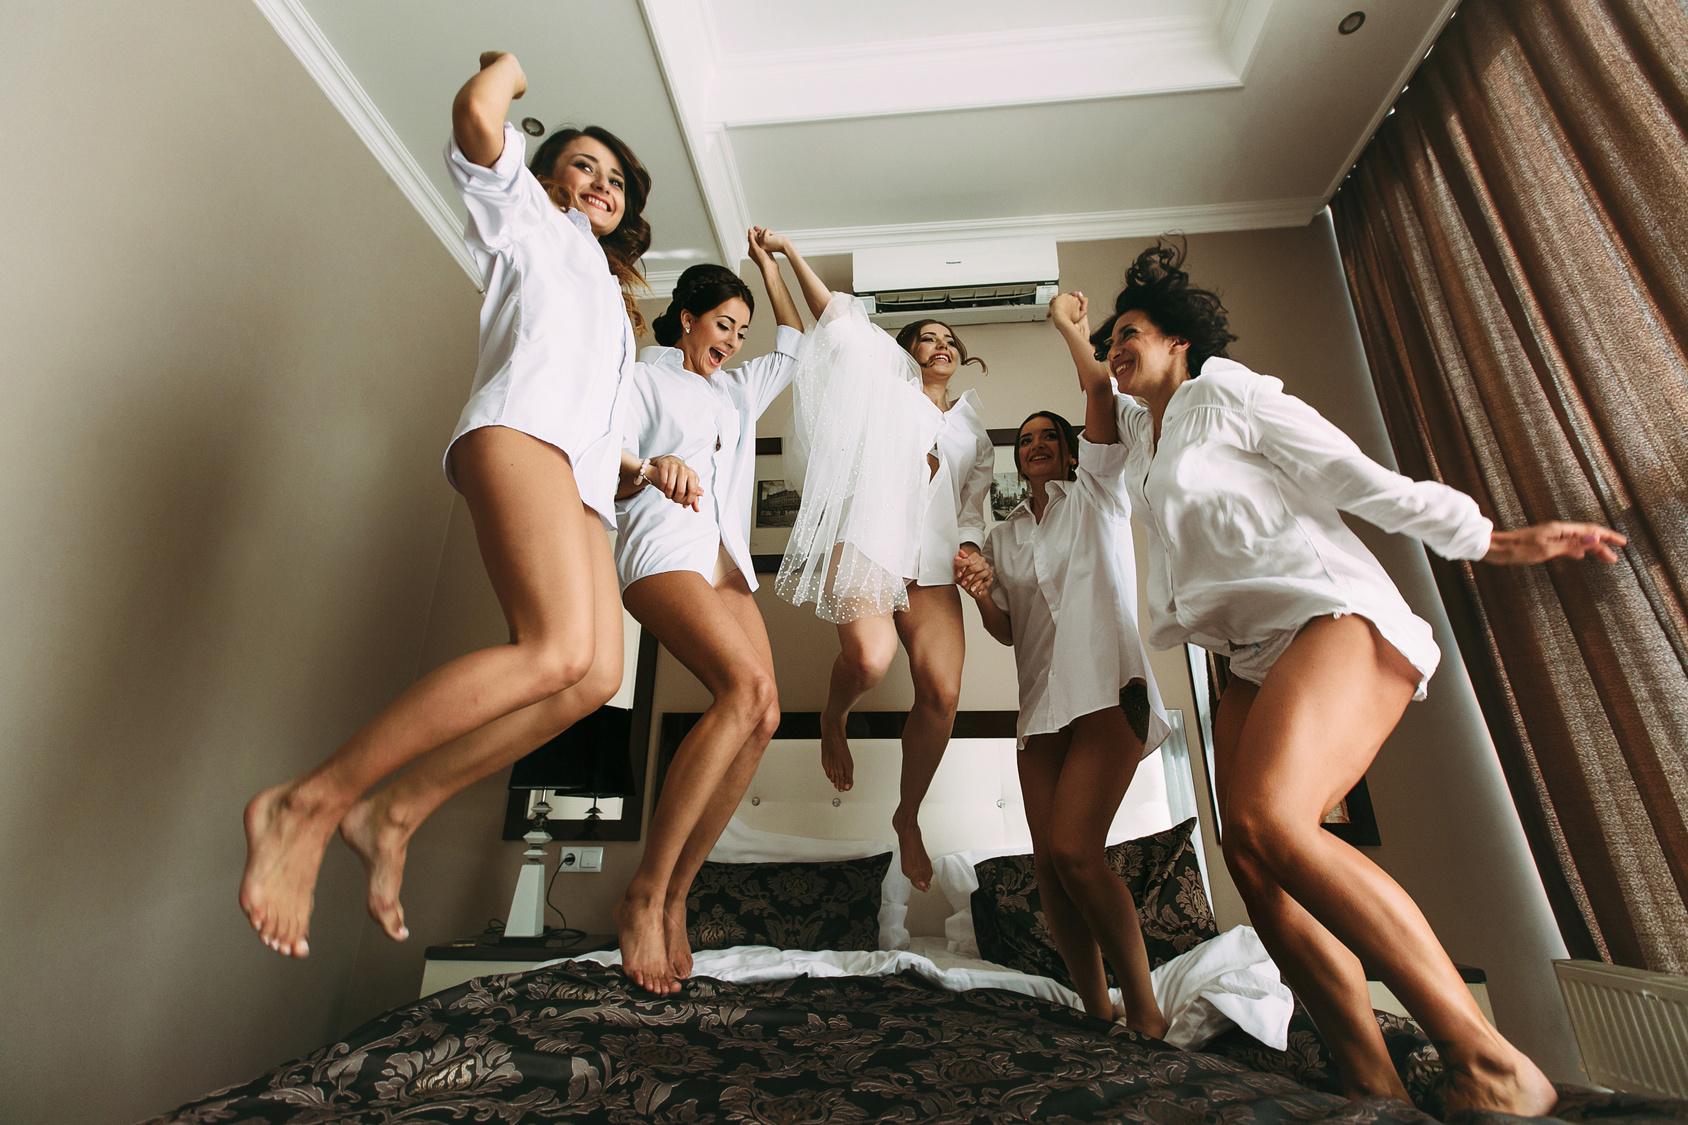 druhny skaczące po łóżku przed ślubem